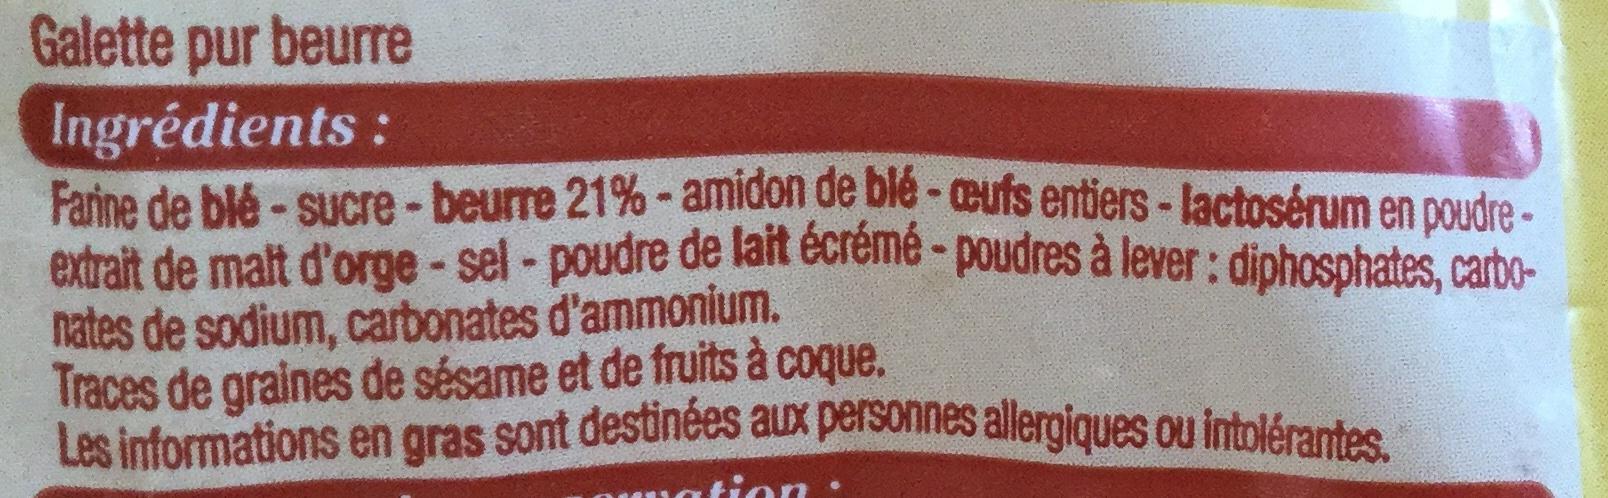 Galette à la Normande Pur Beurre - Ingrédients